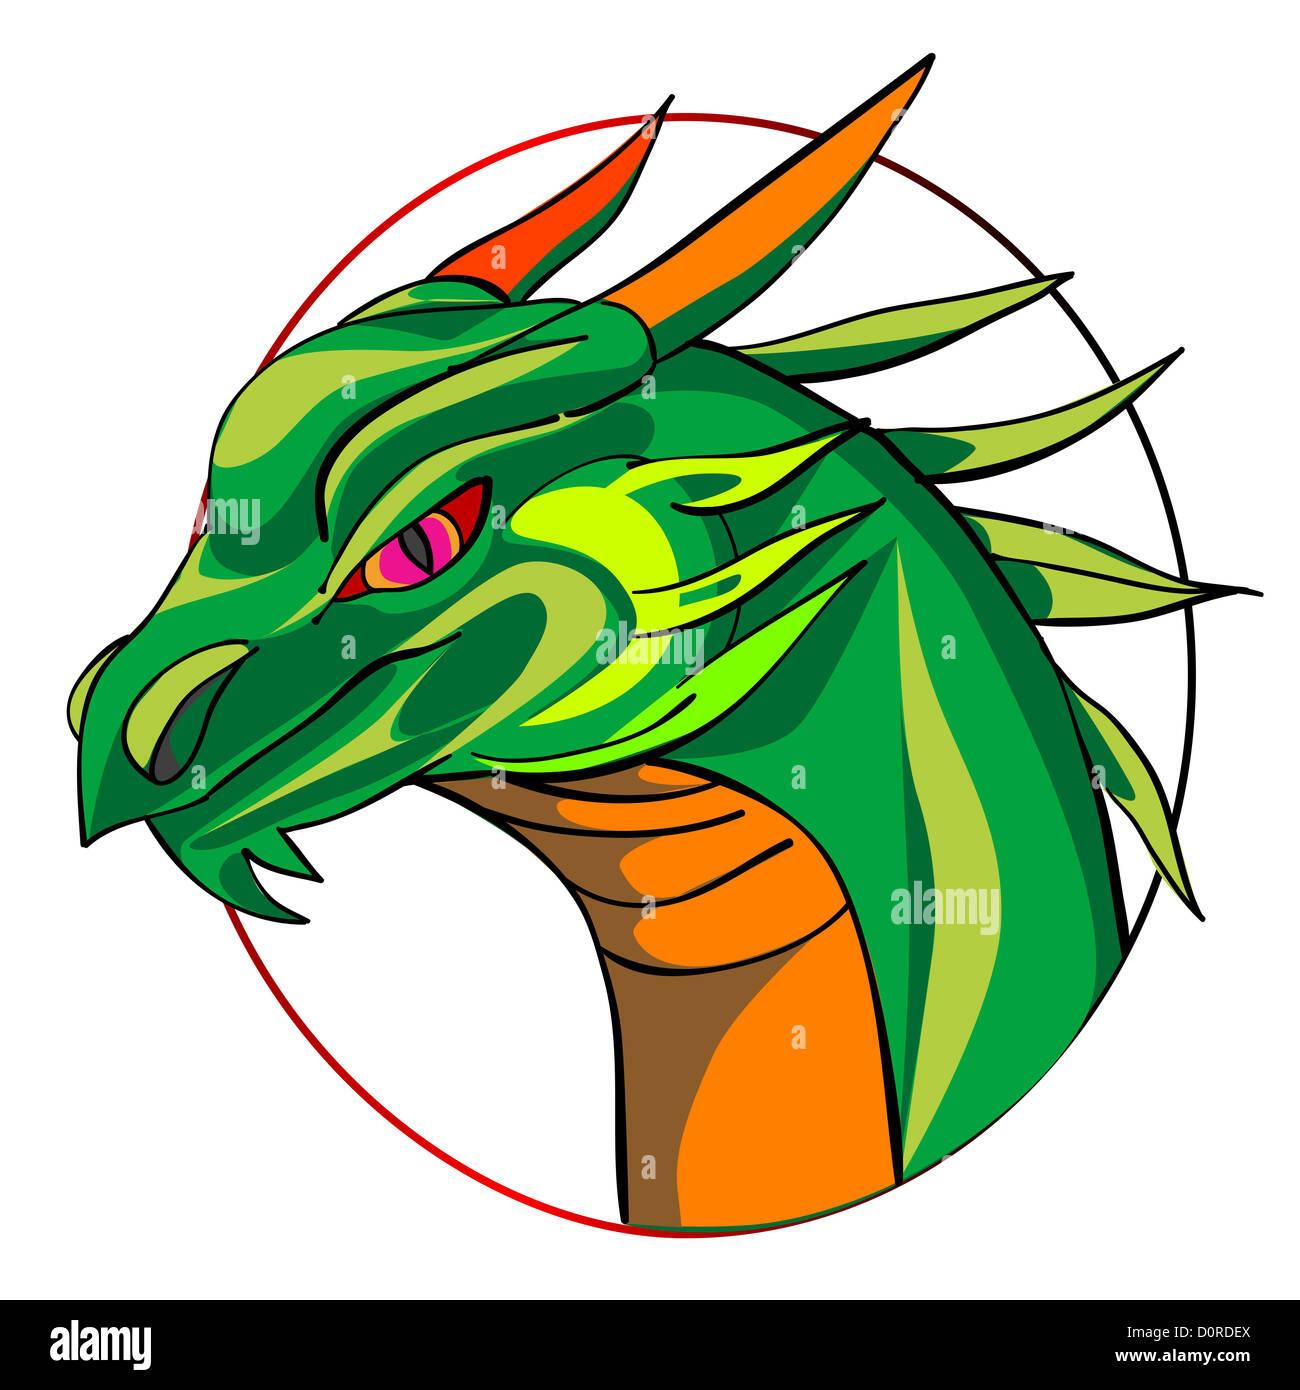 dragon sign - Stock Image